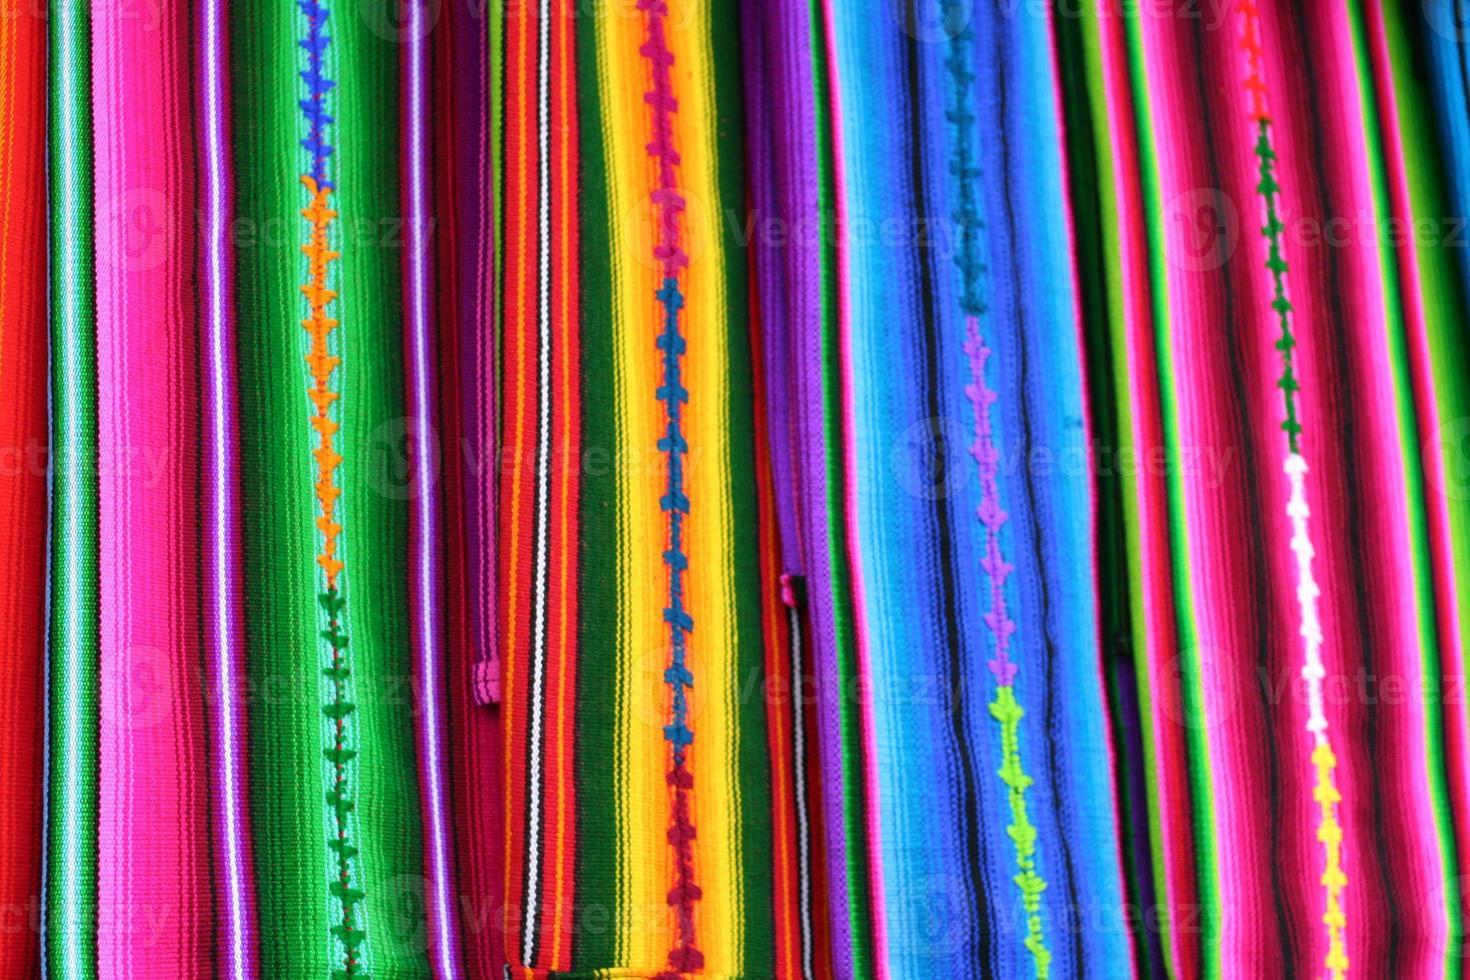 färgglada guatemala mayan textilier på antigua marknaden foto